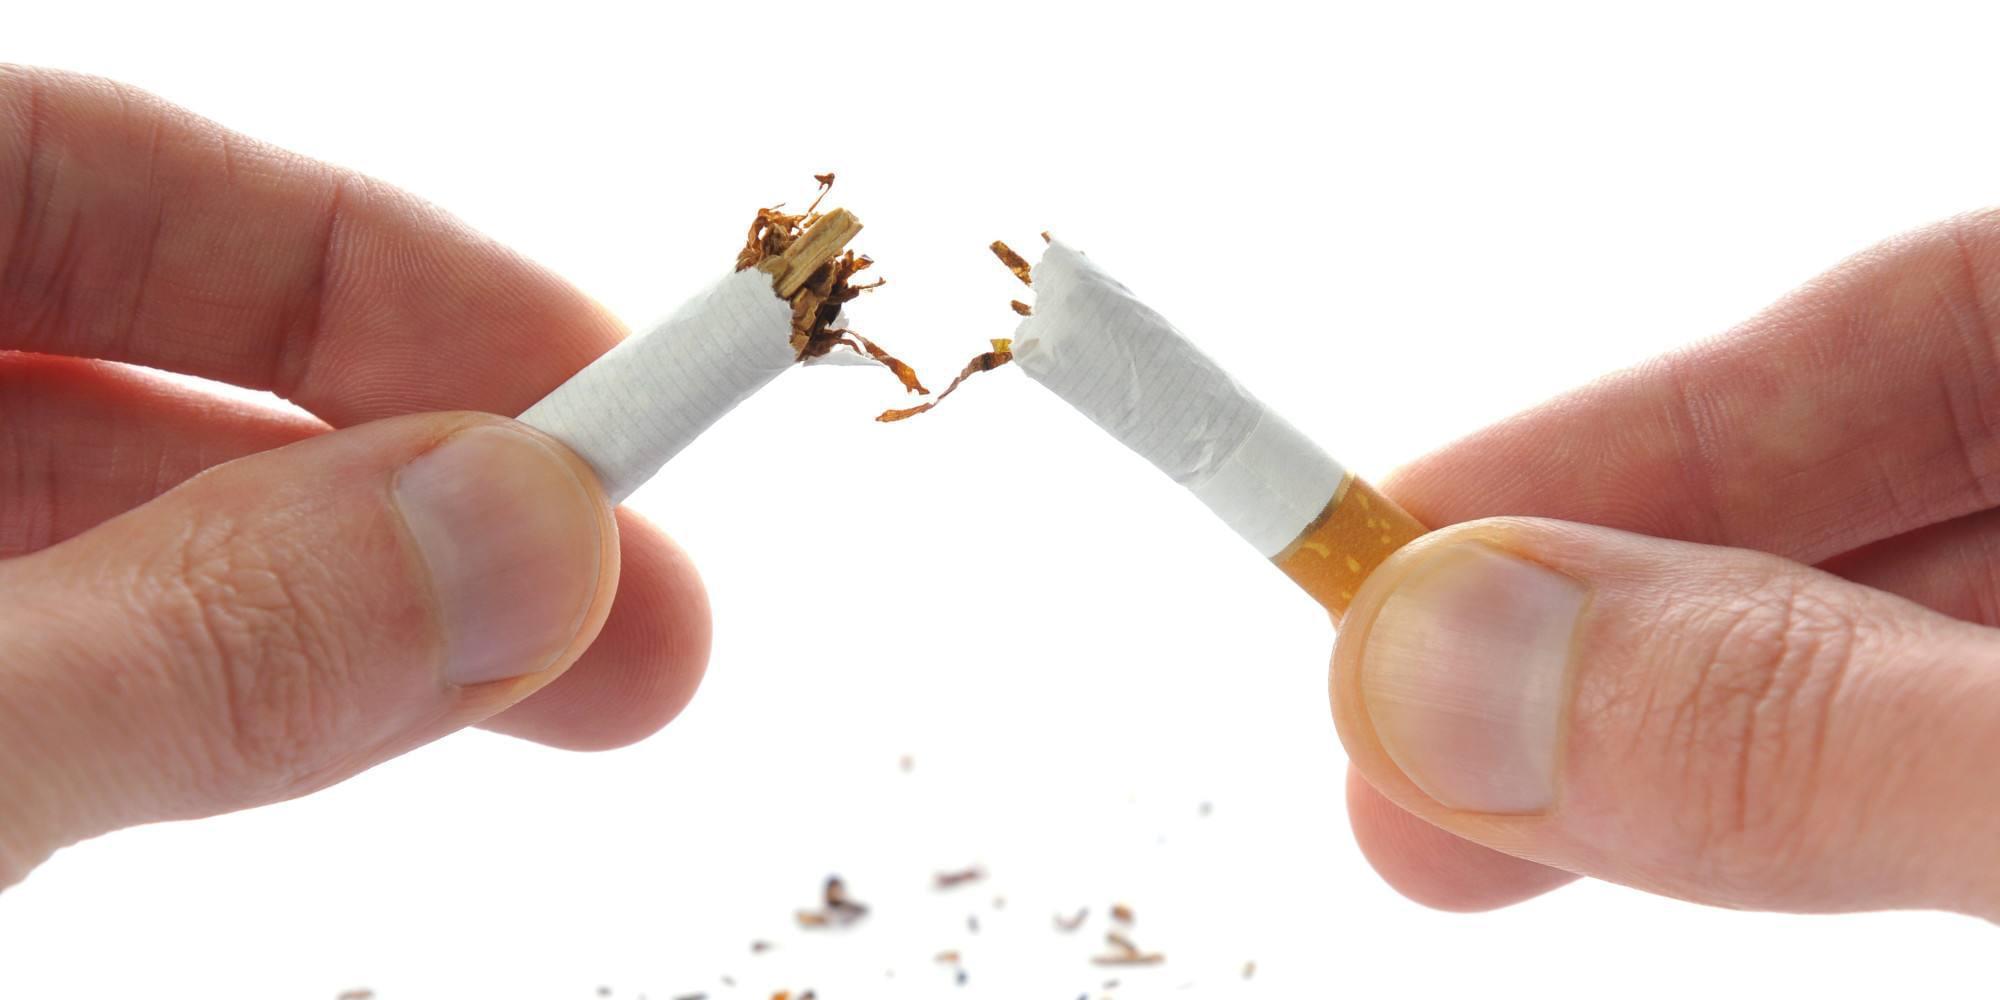 吸烟真的是导致肾癌的罪魁祸首吗?